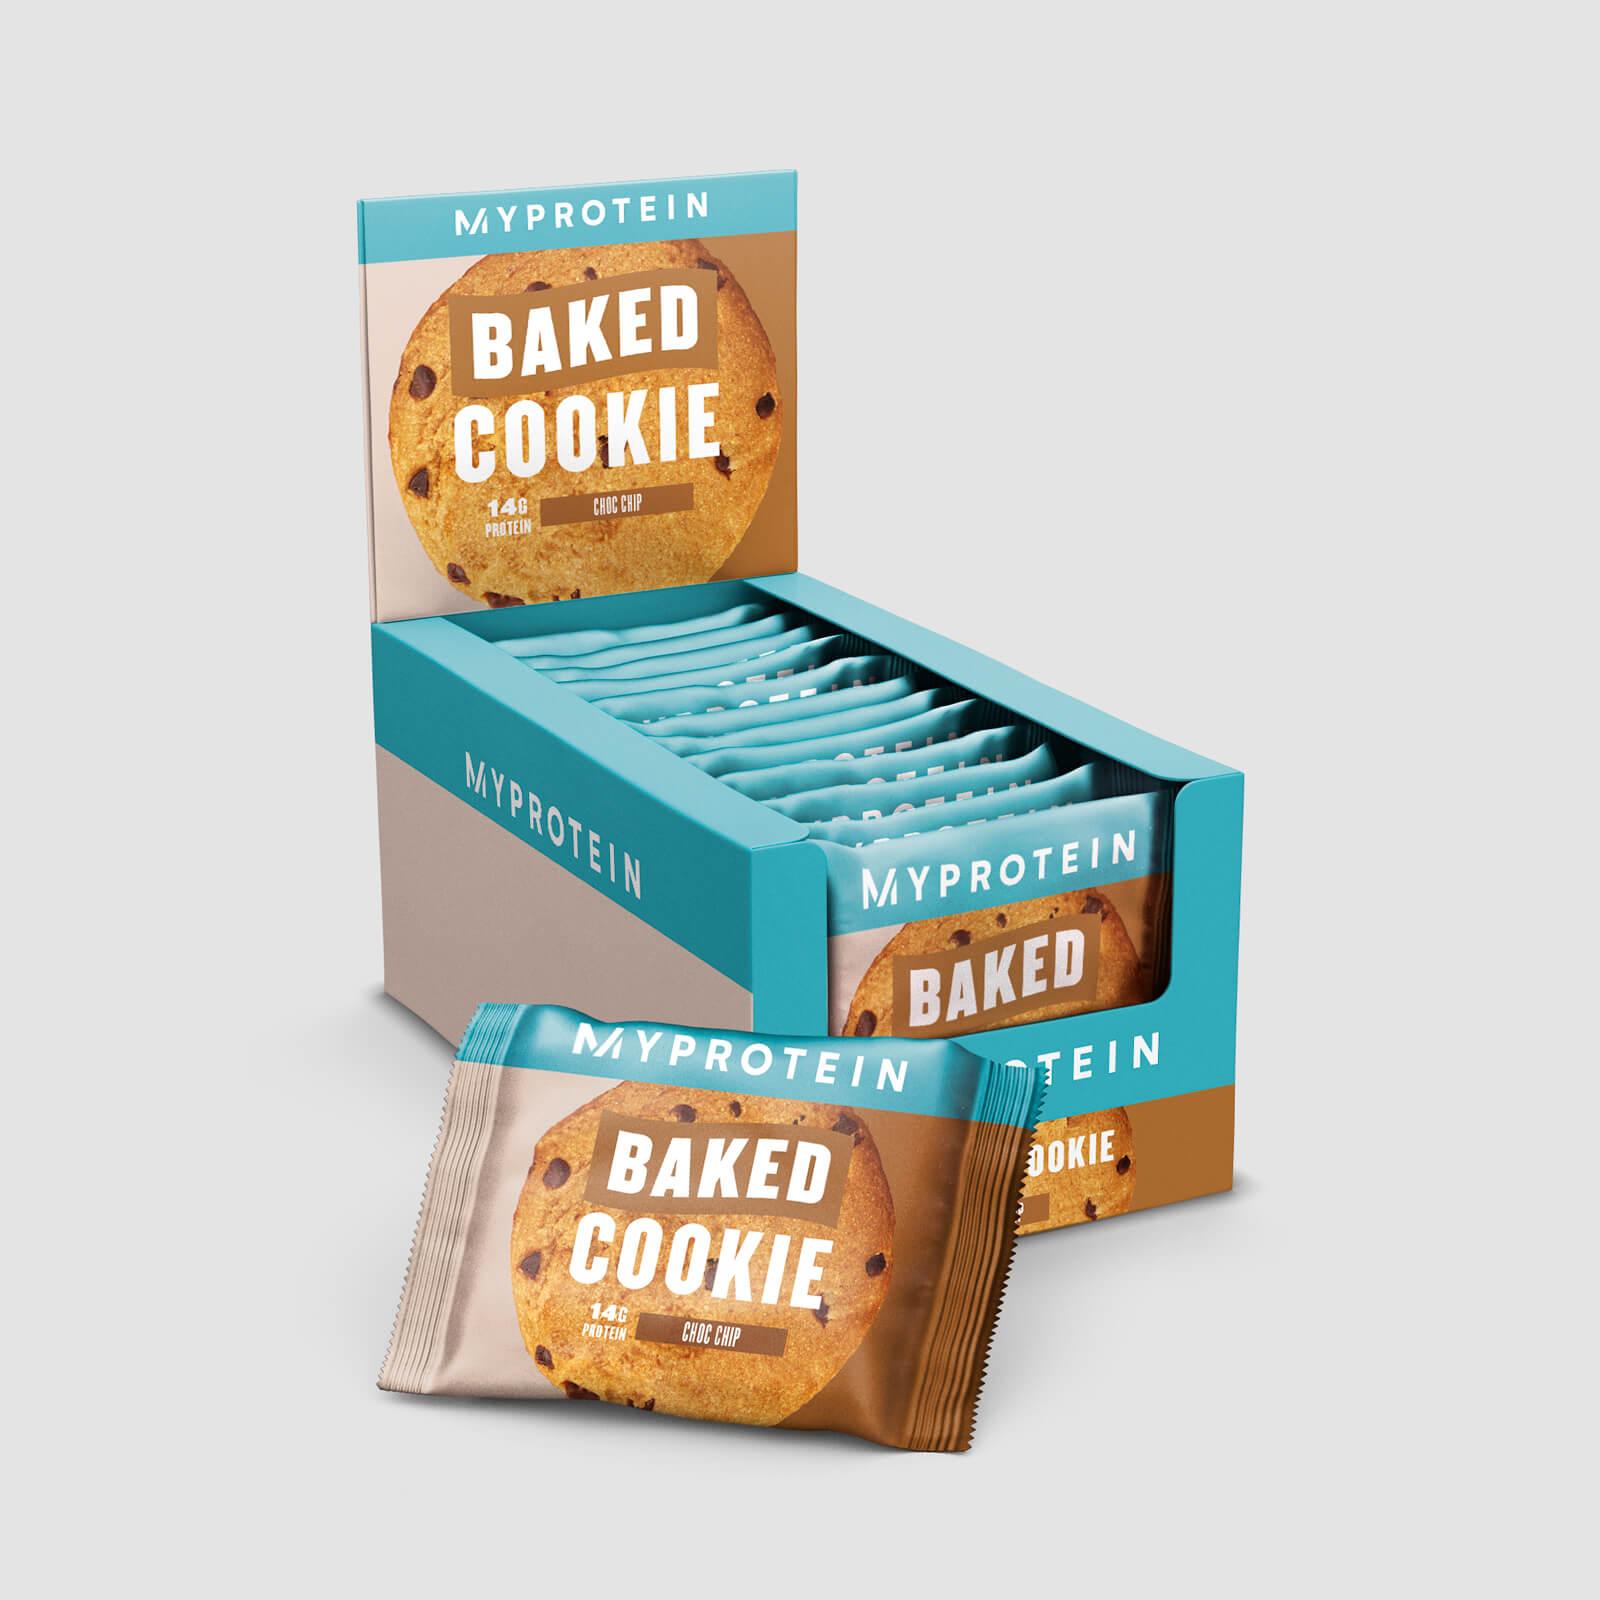 Myprotein Cookies Protéinés Moelleux - Copeaux de chocolat